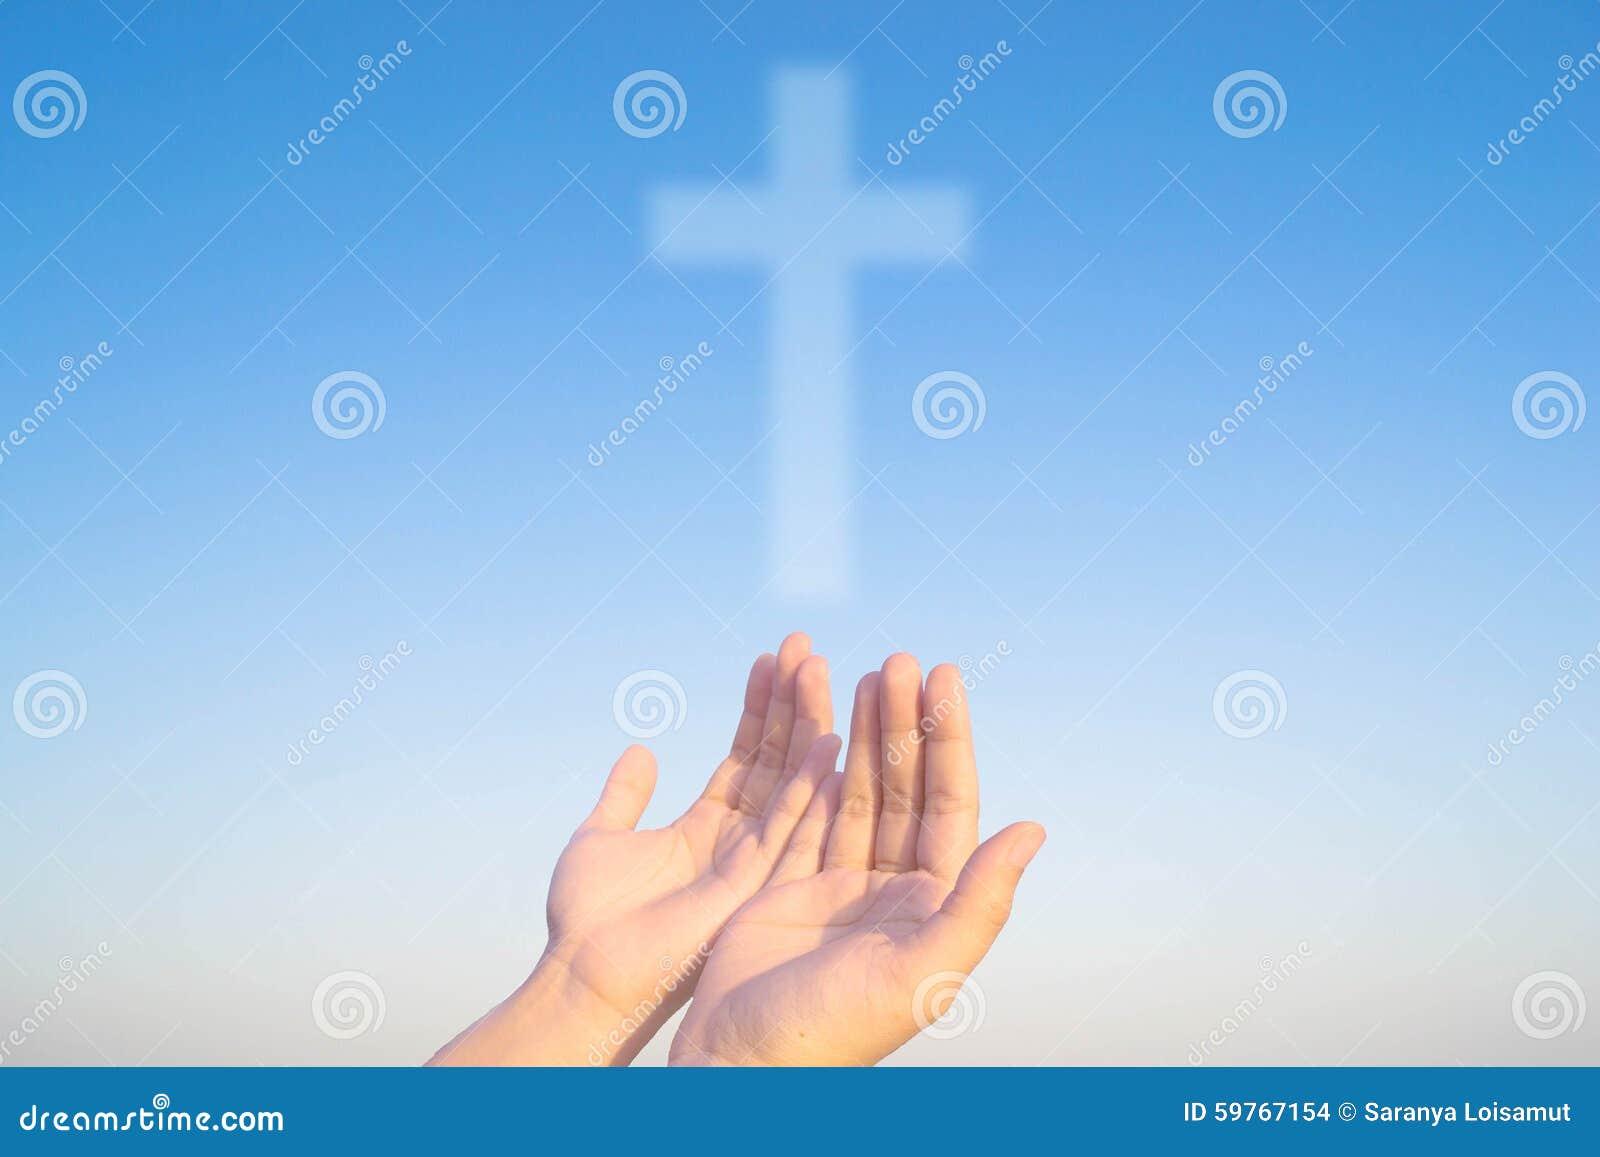 基督和信徒两个手和十字架